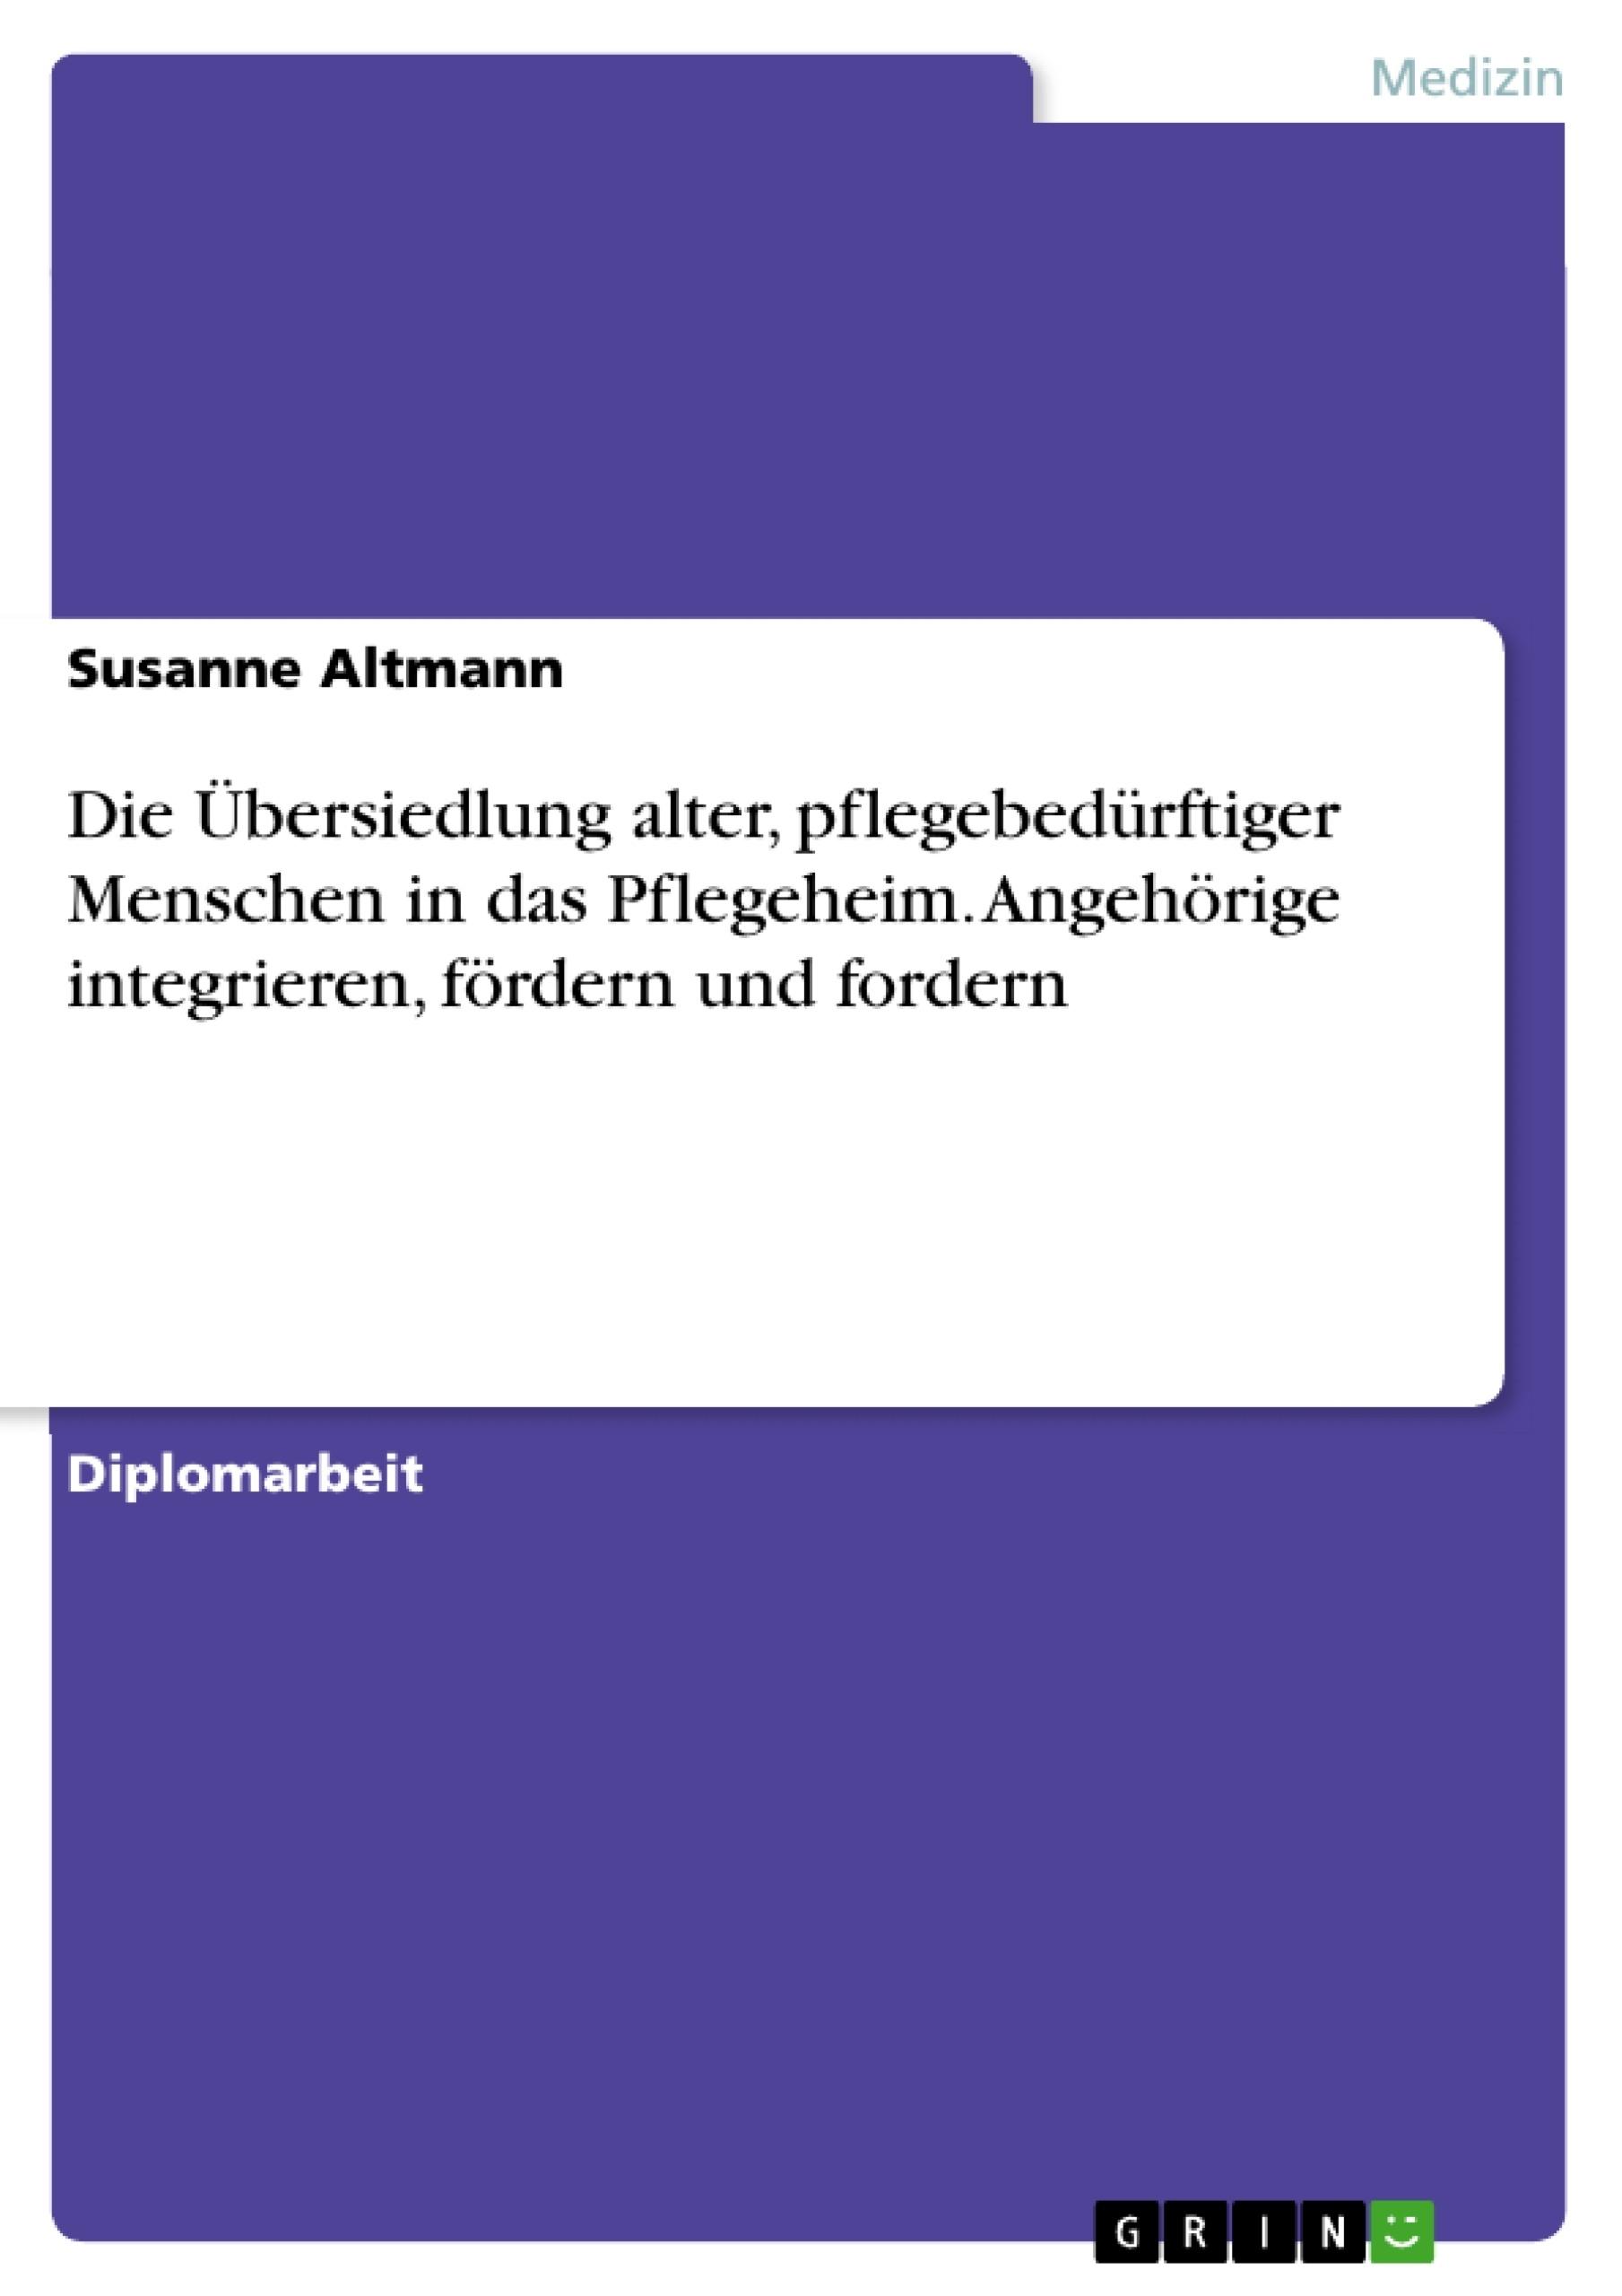 Titel: Die Übersiedlung alter, pflegebedürftiger Menschen in das Pflegeheim. Angehörige integrieren, fördern und fordern